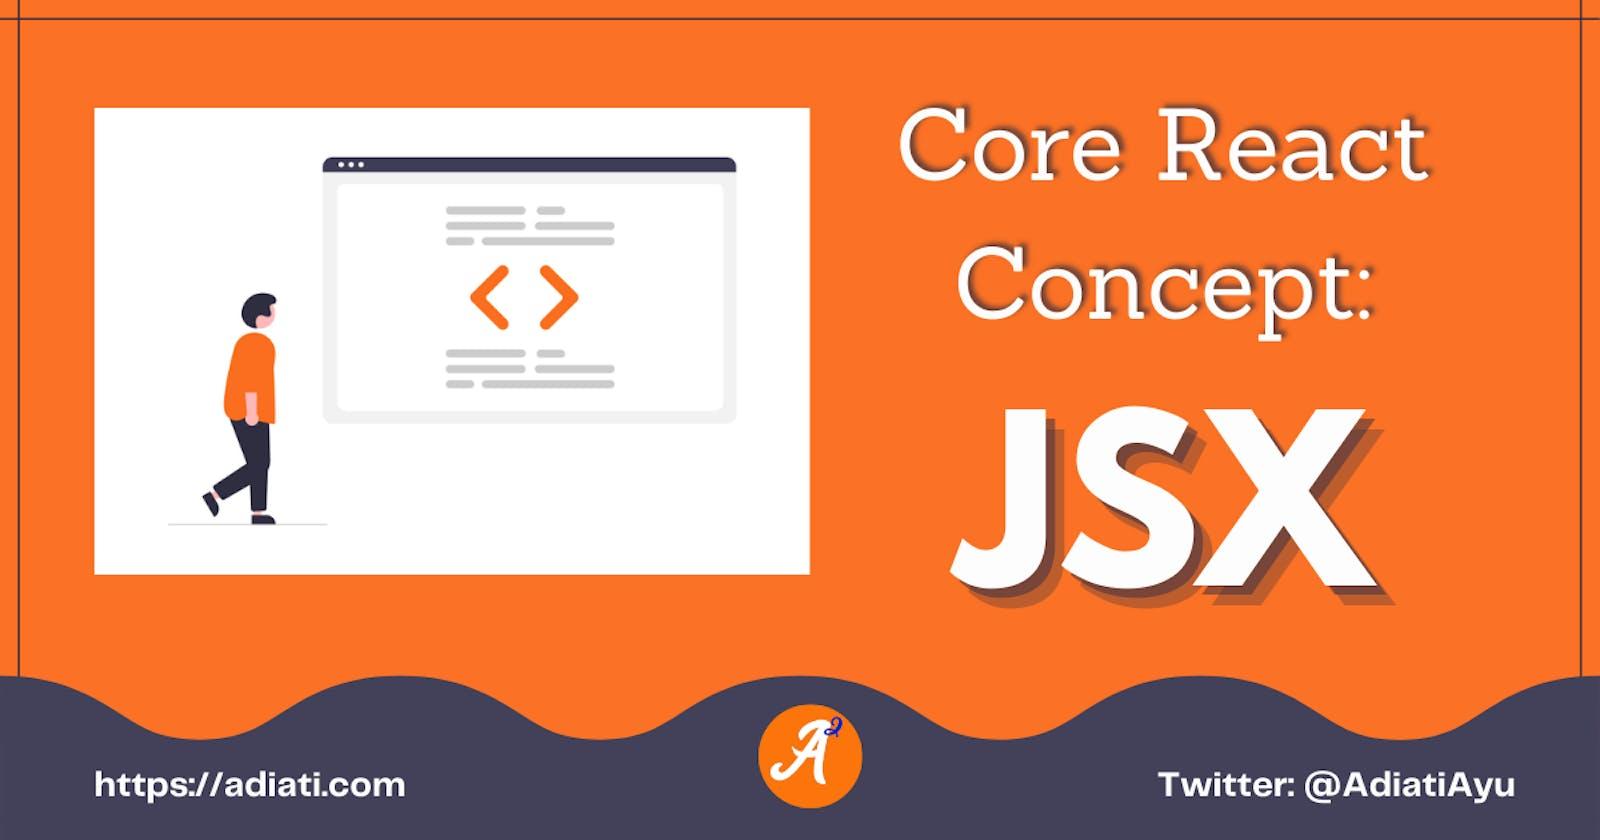 Core React Concept: JSX